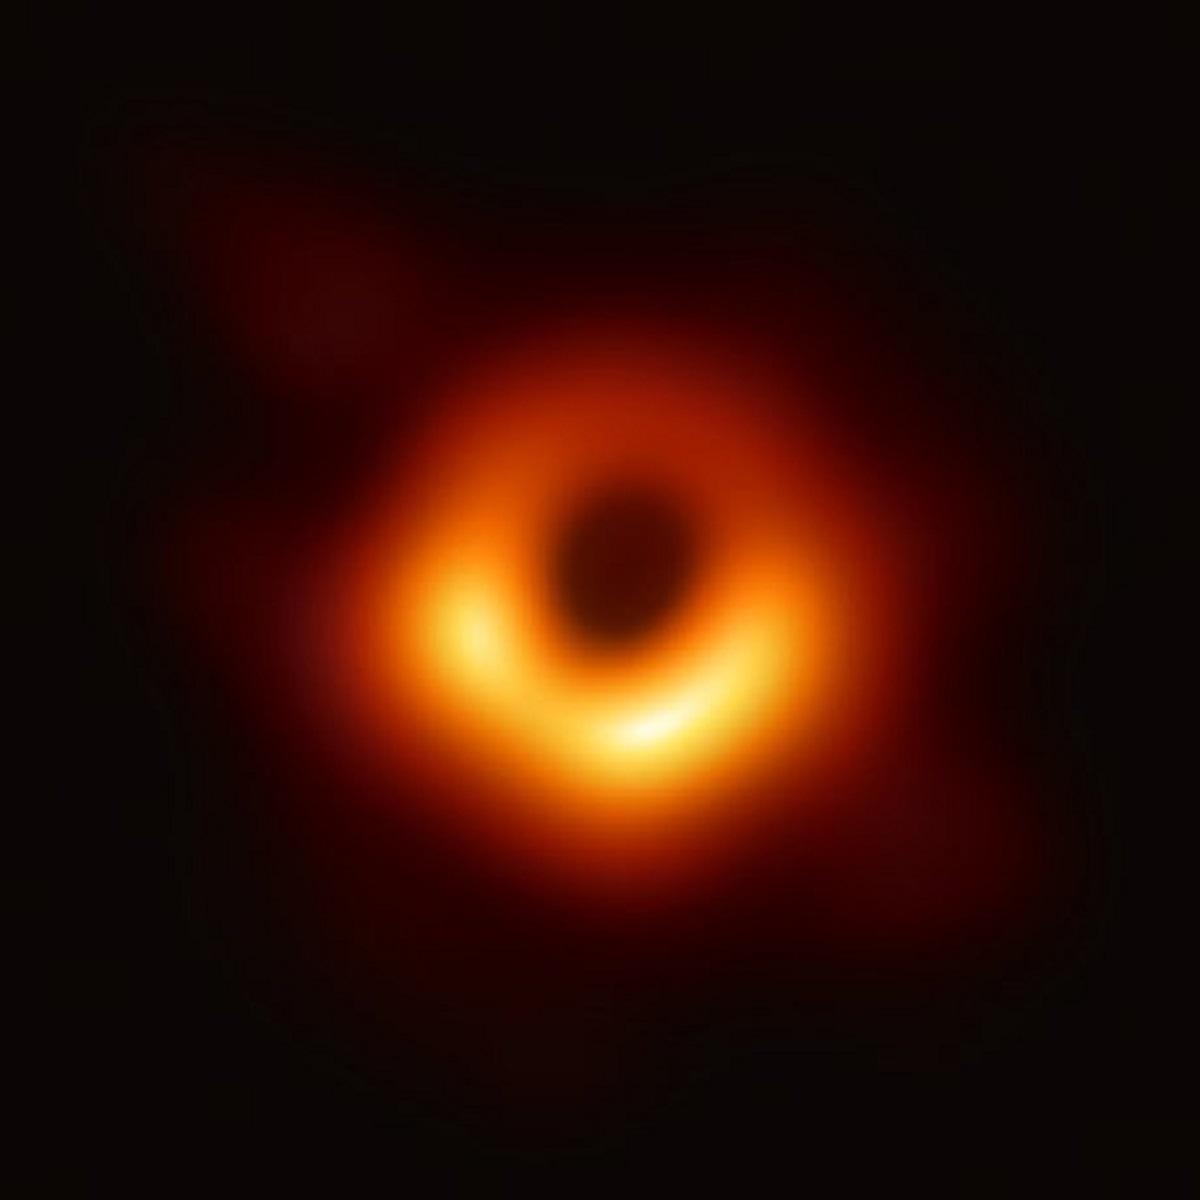 ブラックホール初撮影データの保存先に「クラウド」が選ばれなかった理由